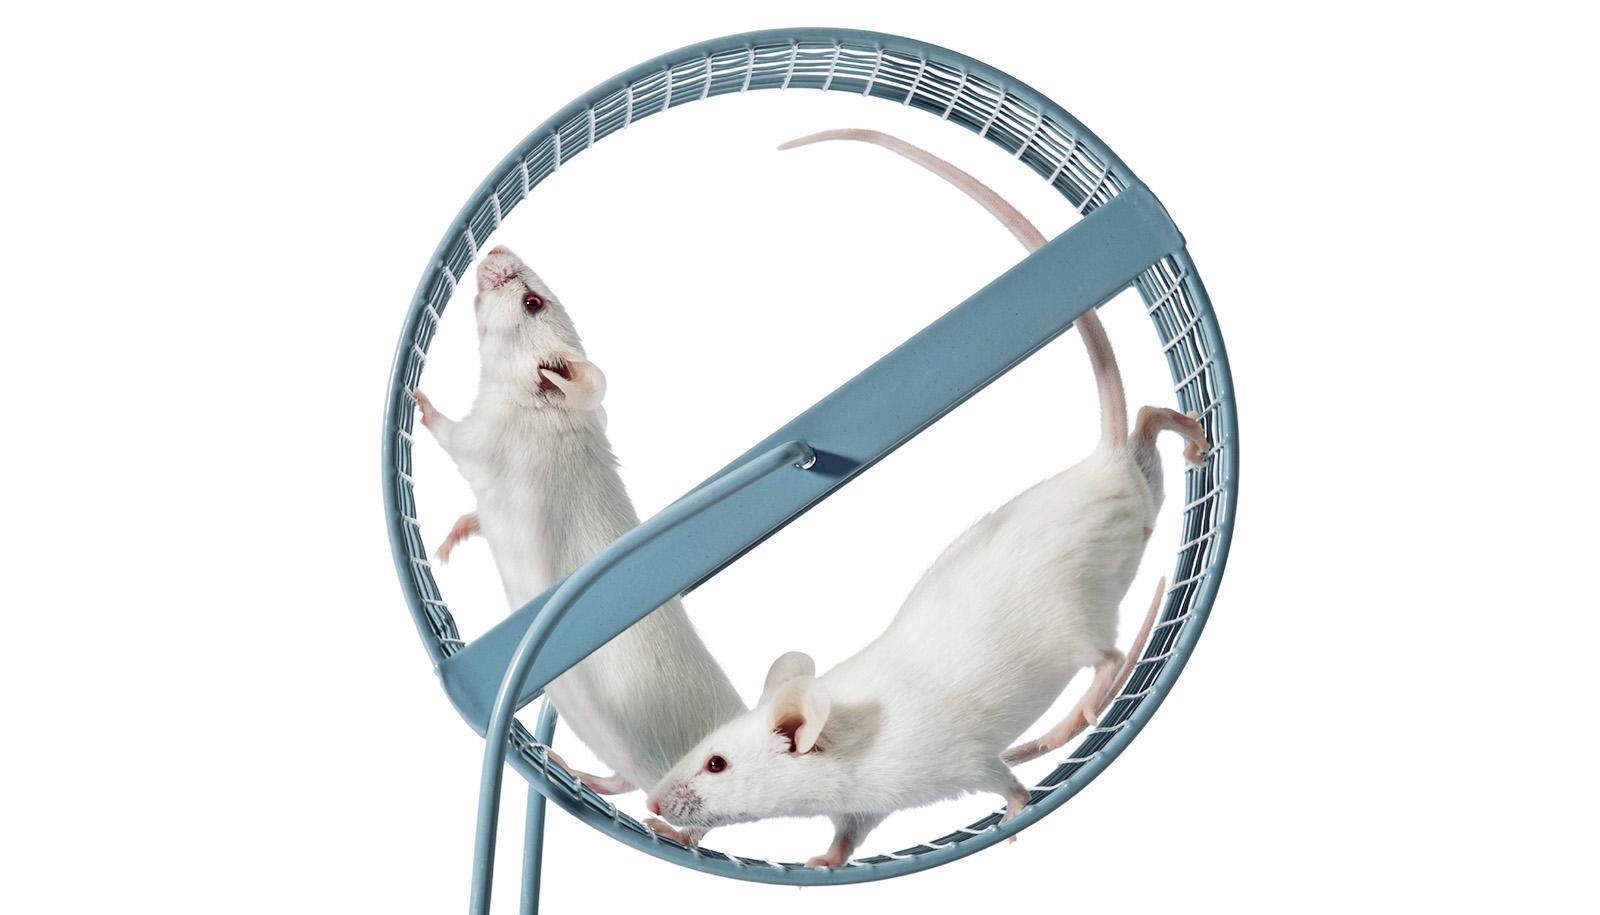 Учёные создали эпигенетическую мышь-лежебоку